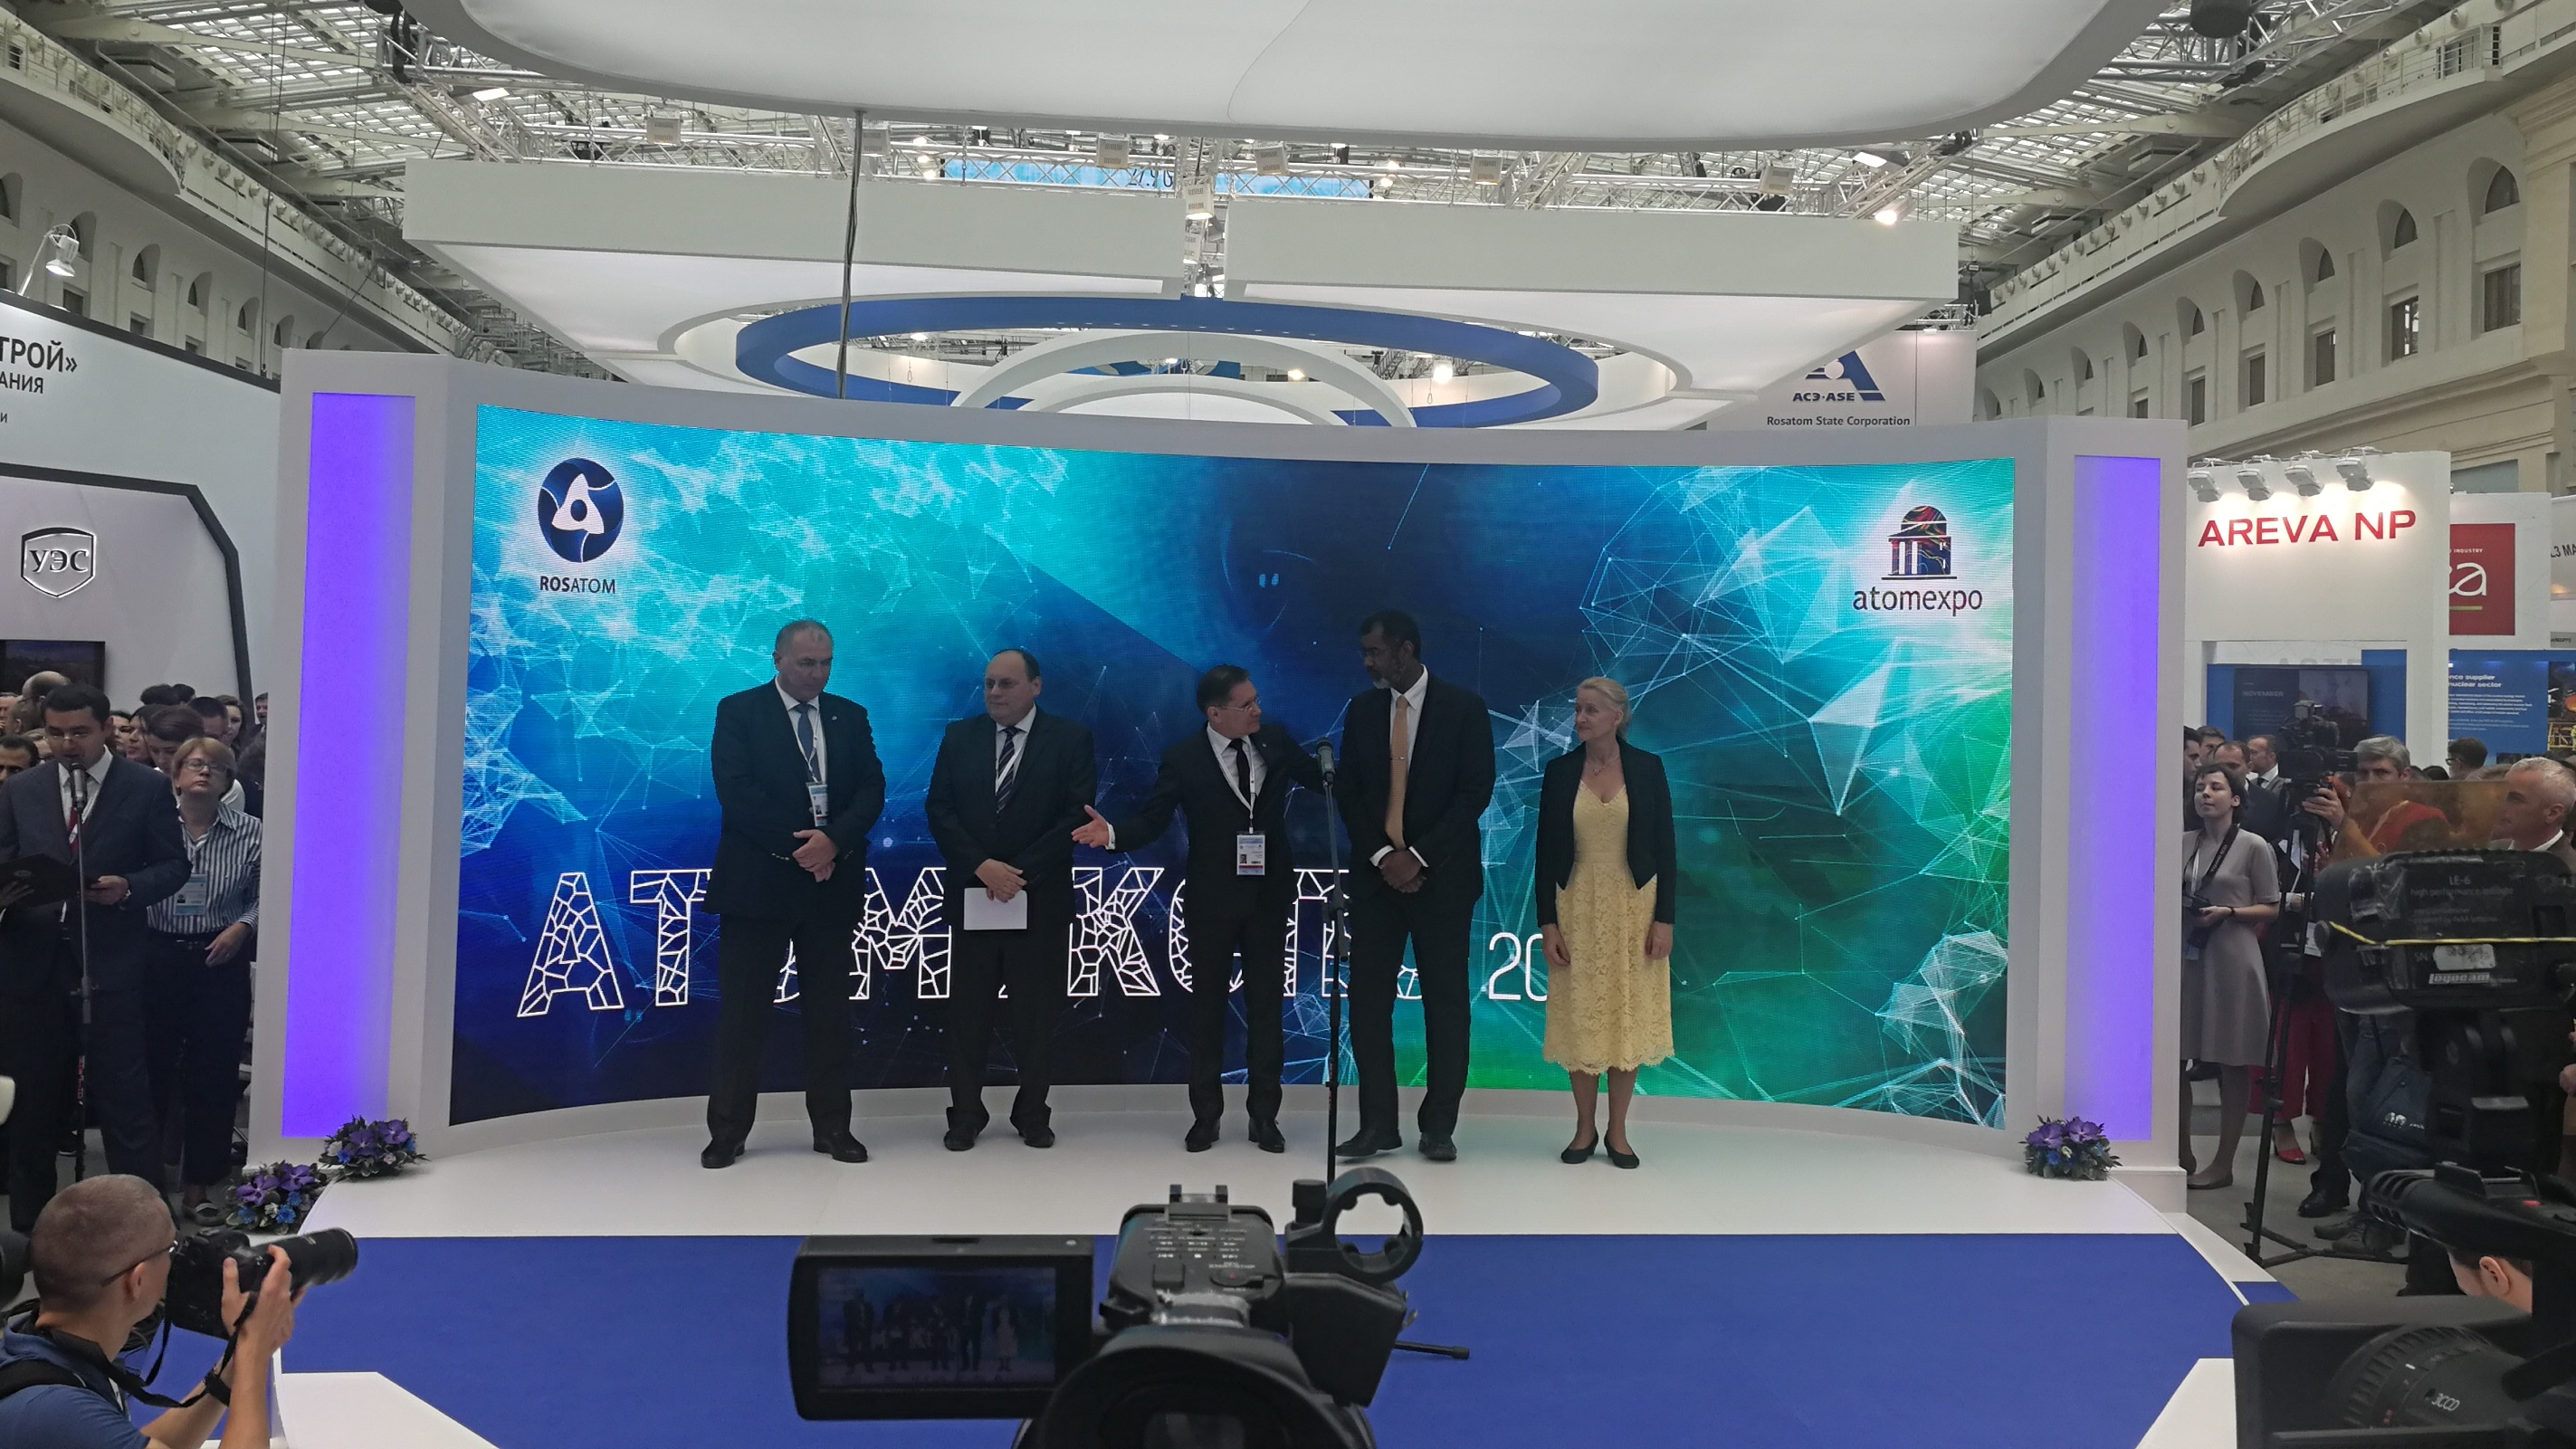 Comienza el foro nuclear Atomexpo 2017 en Moscú